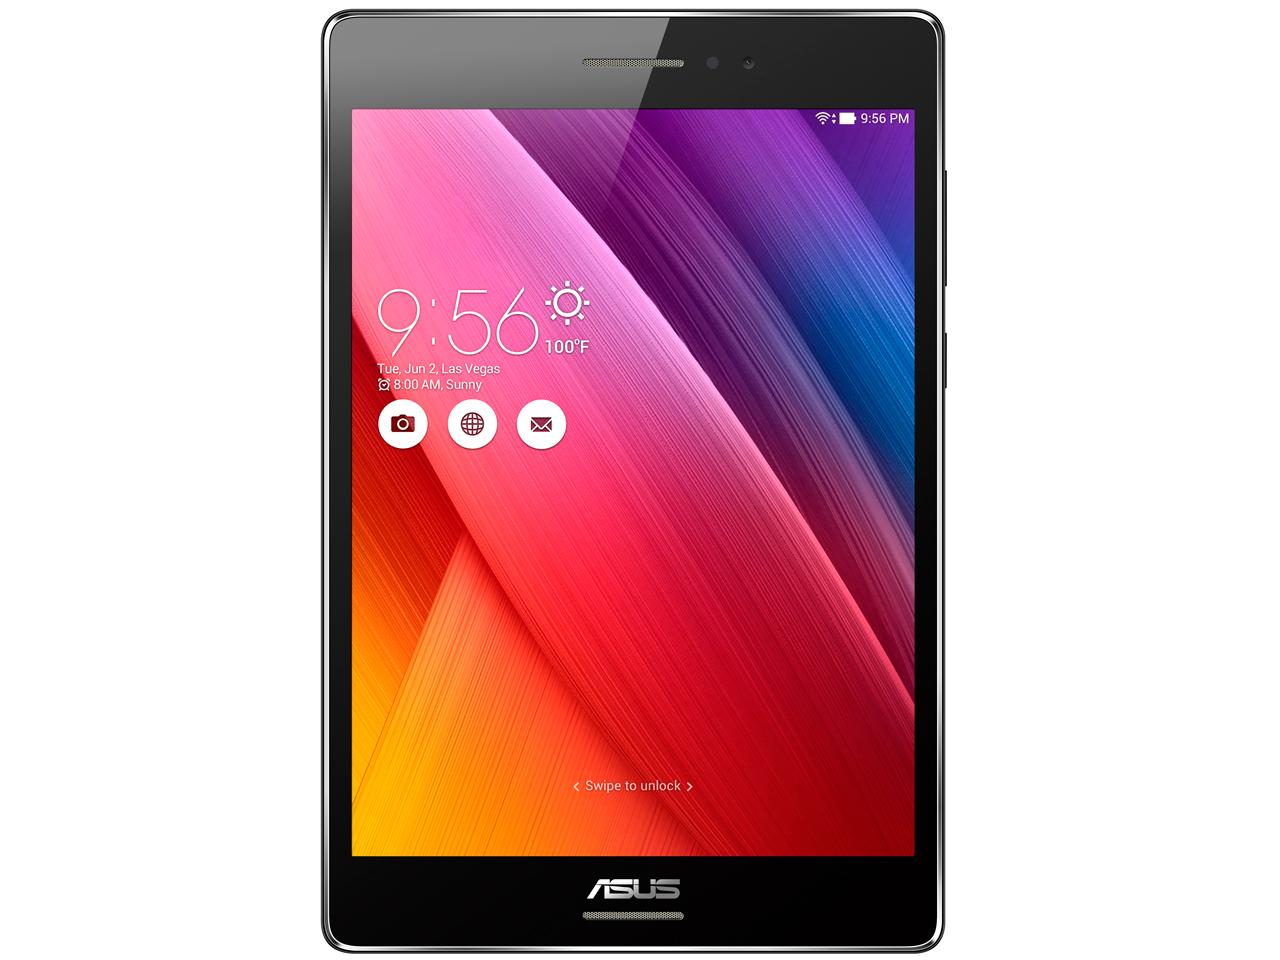 『本体1』 ASUS ZenPad S 8.0 Z580CA-BK32 [ブラック] の製品画像